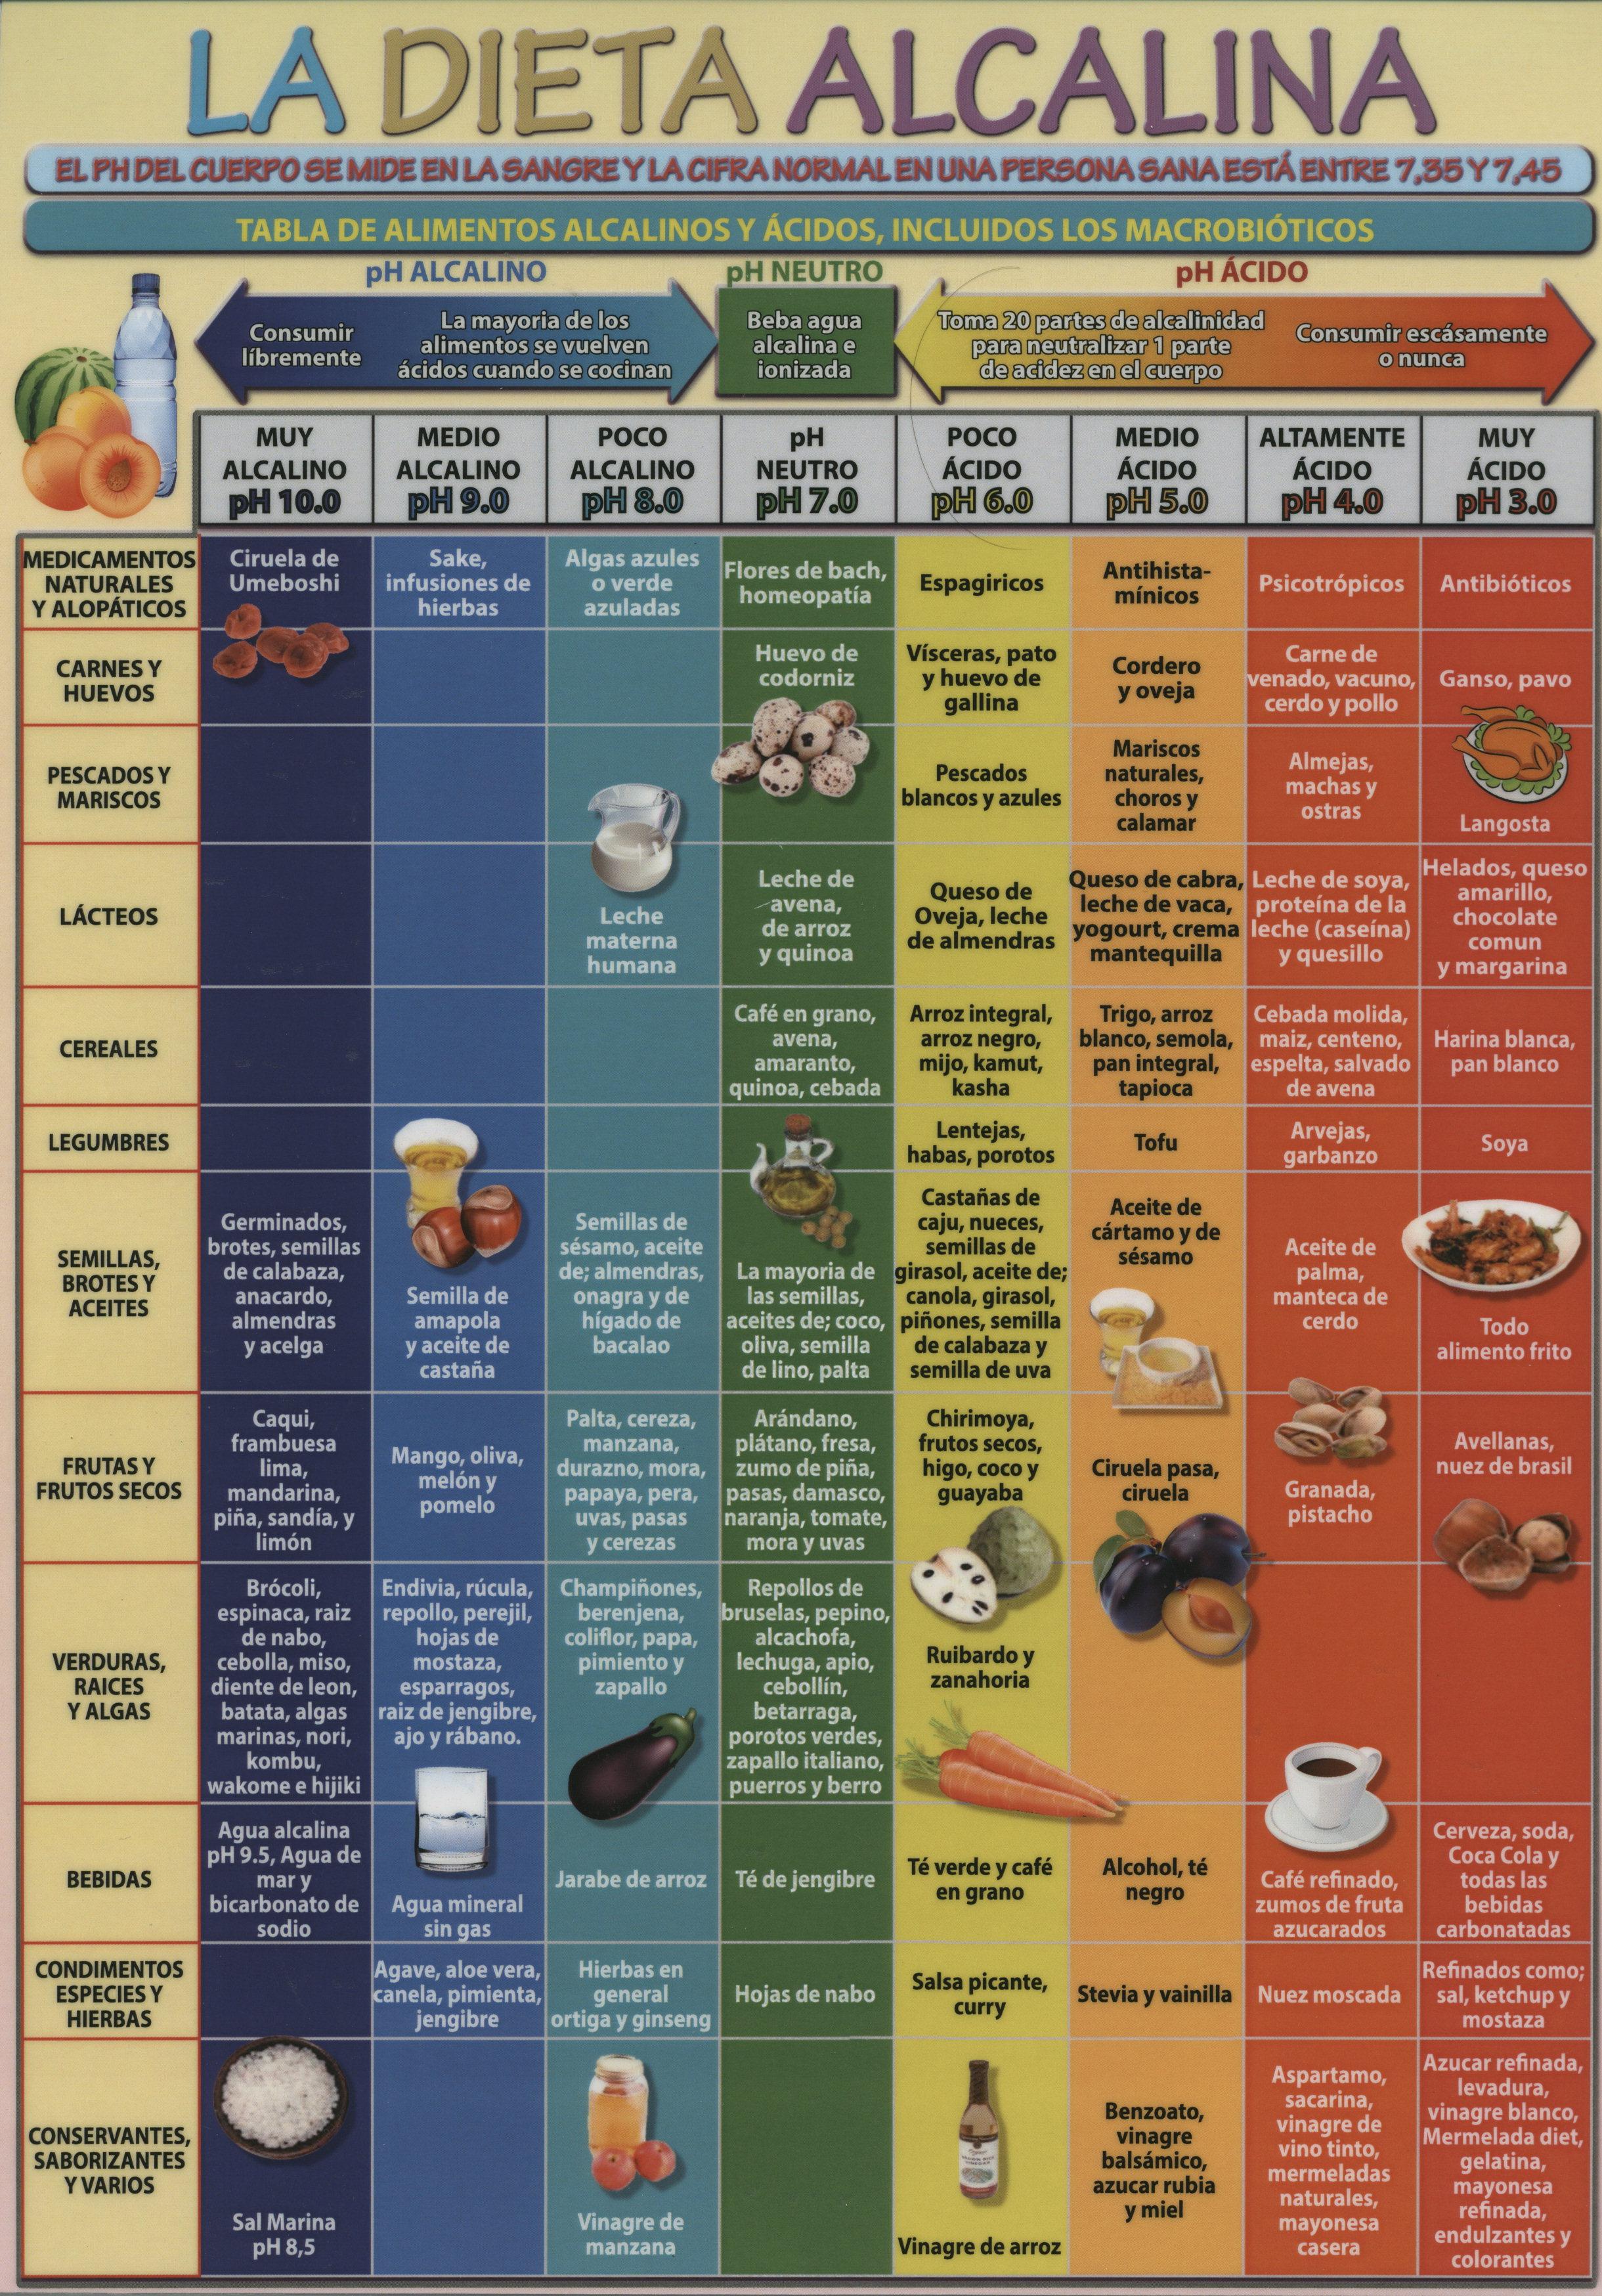 L mina la dieta alcalina a4 61342 none bohindra libros esot ricos - Tabla de alimentos alcalinos y acidos ...